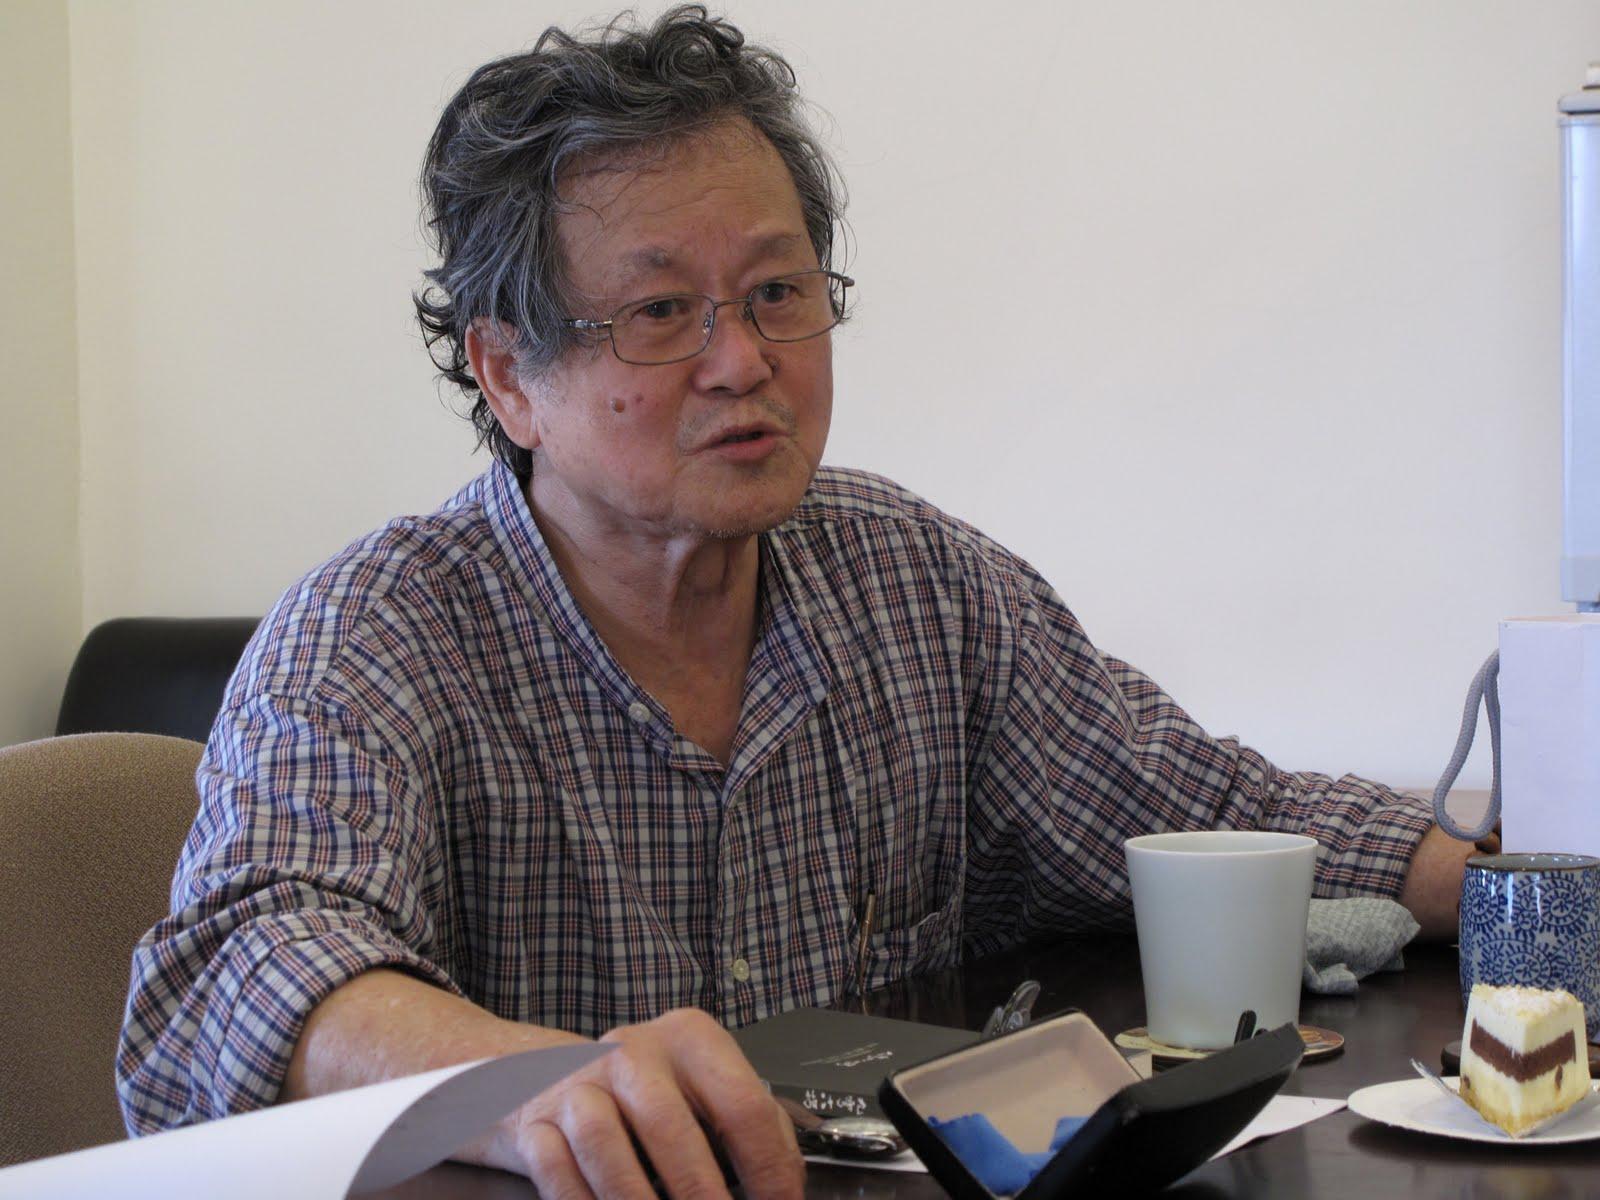 活動報導 藝想世界: 在秋天遇見黃春明──北藝大駐校文學家